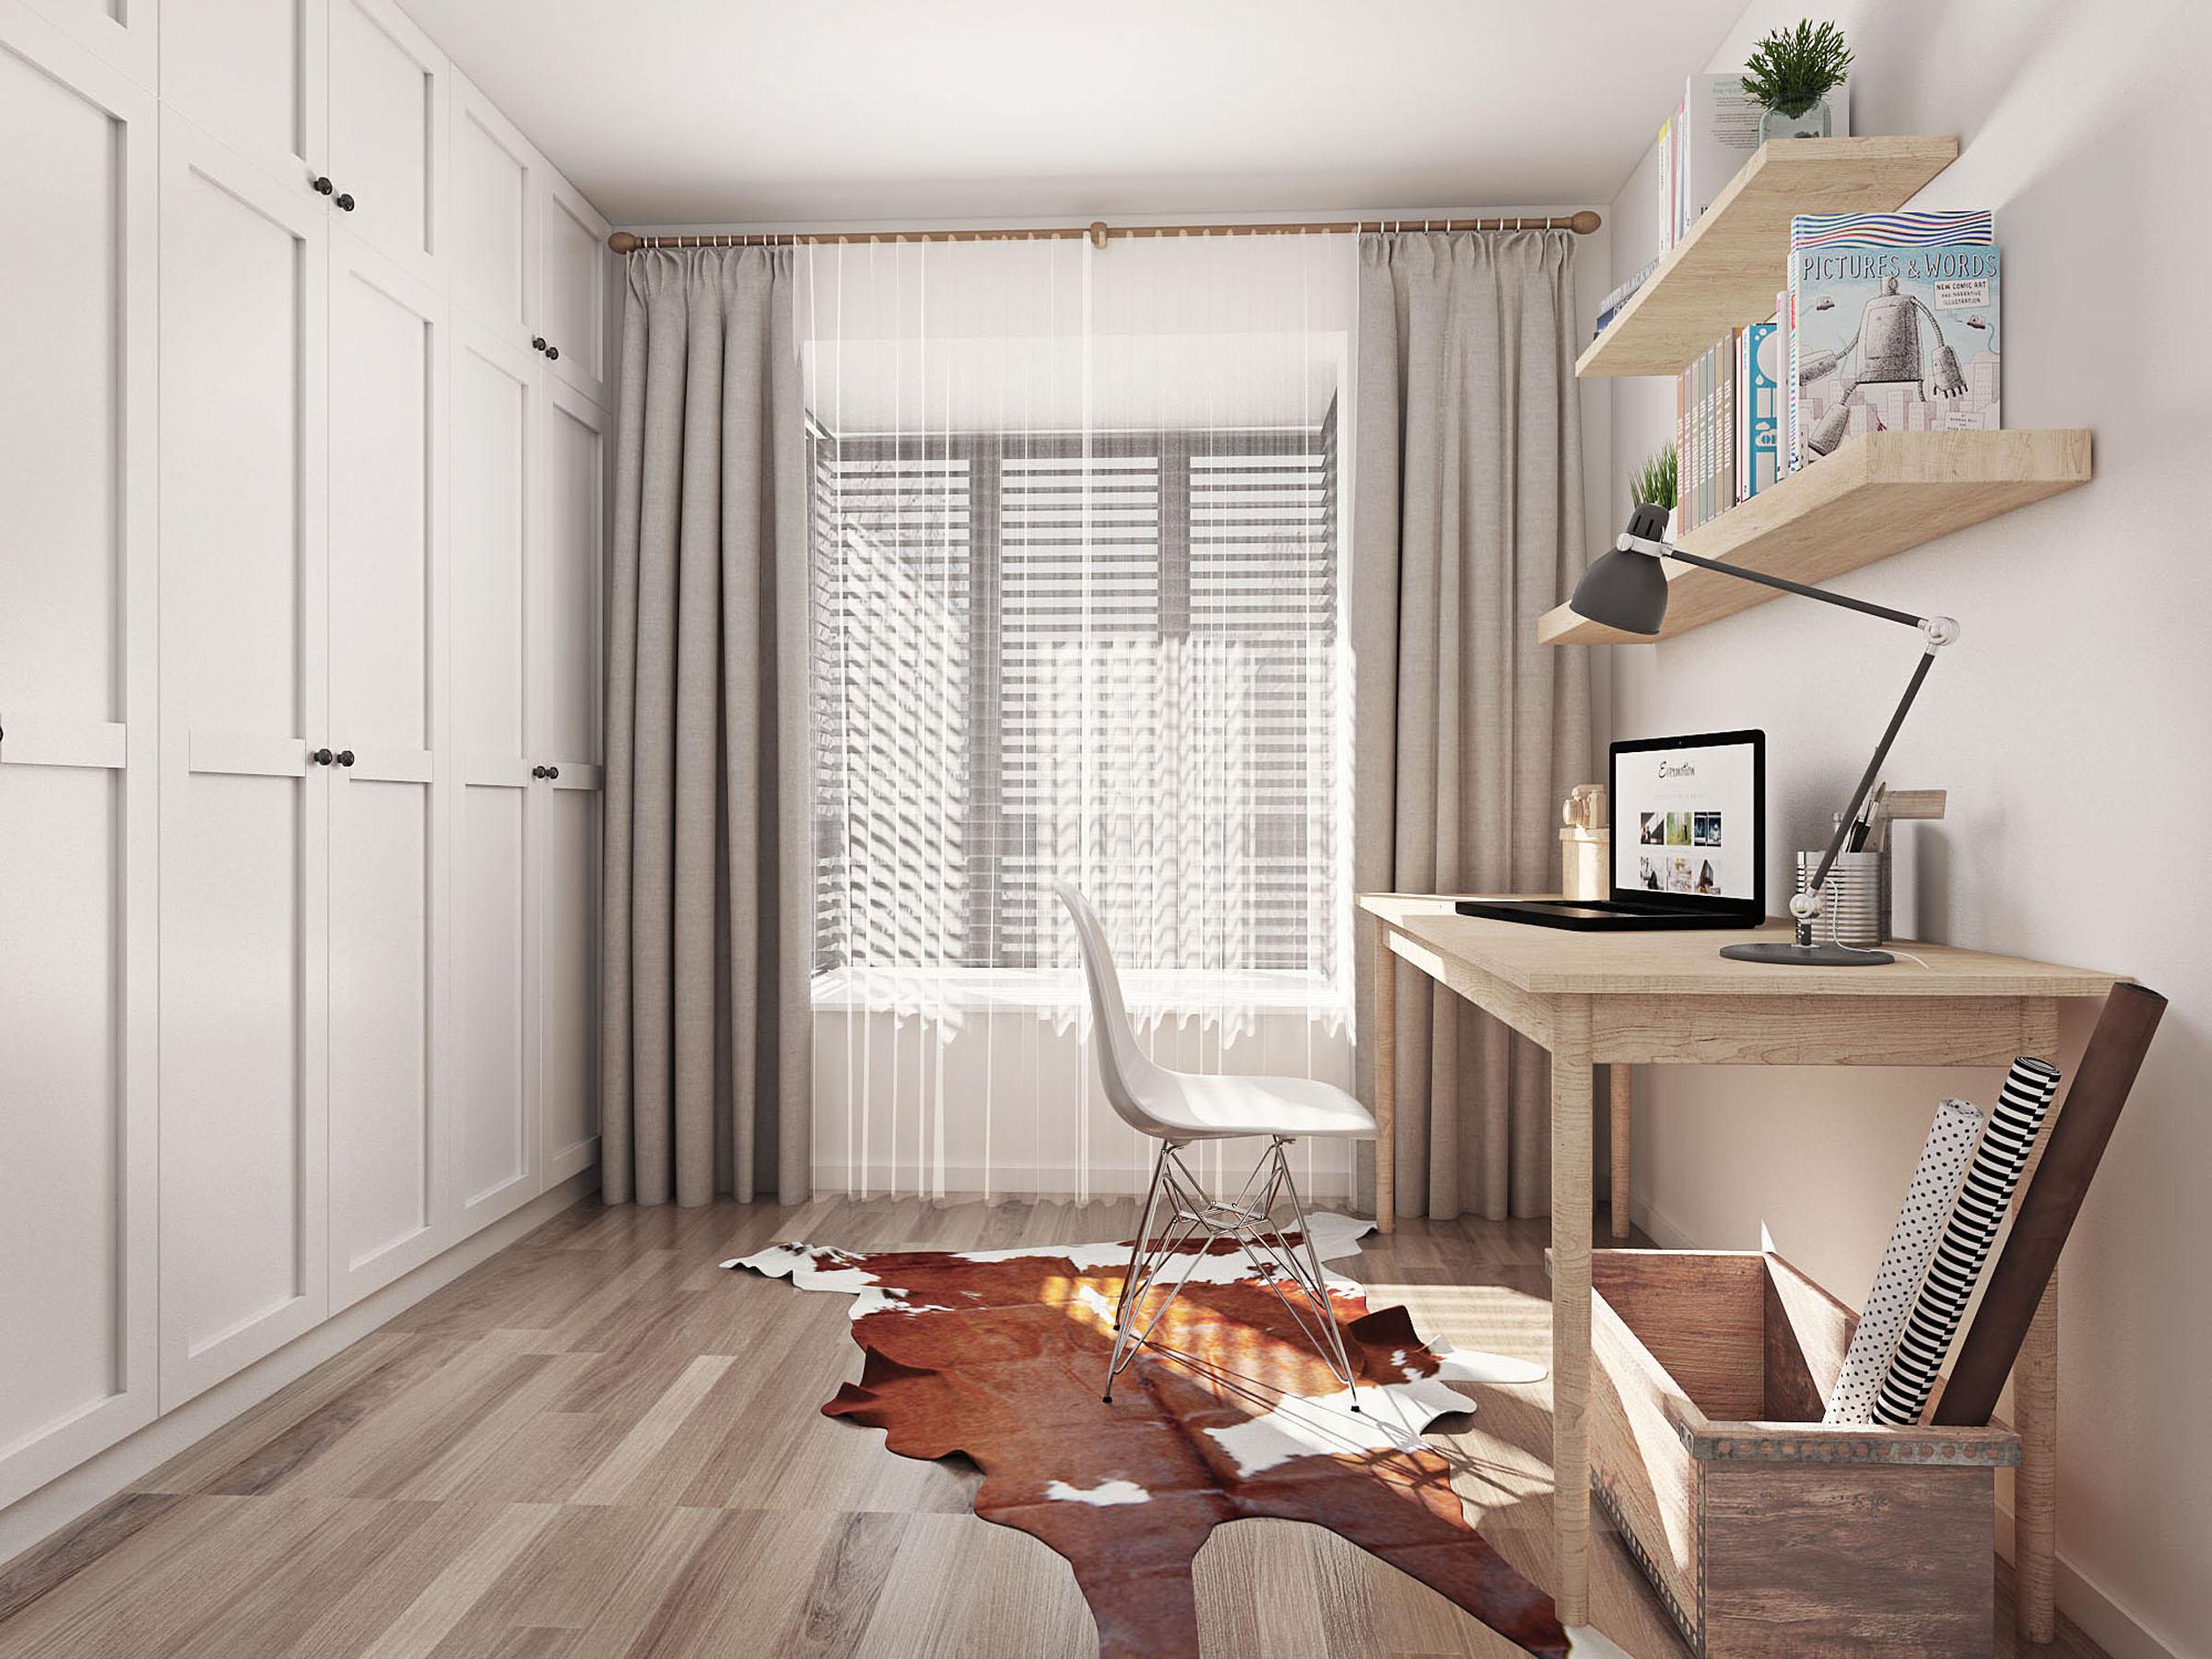 白色的衣柜搭配原木色书桌和书架,风格自然简约.